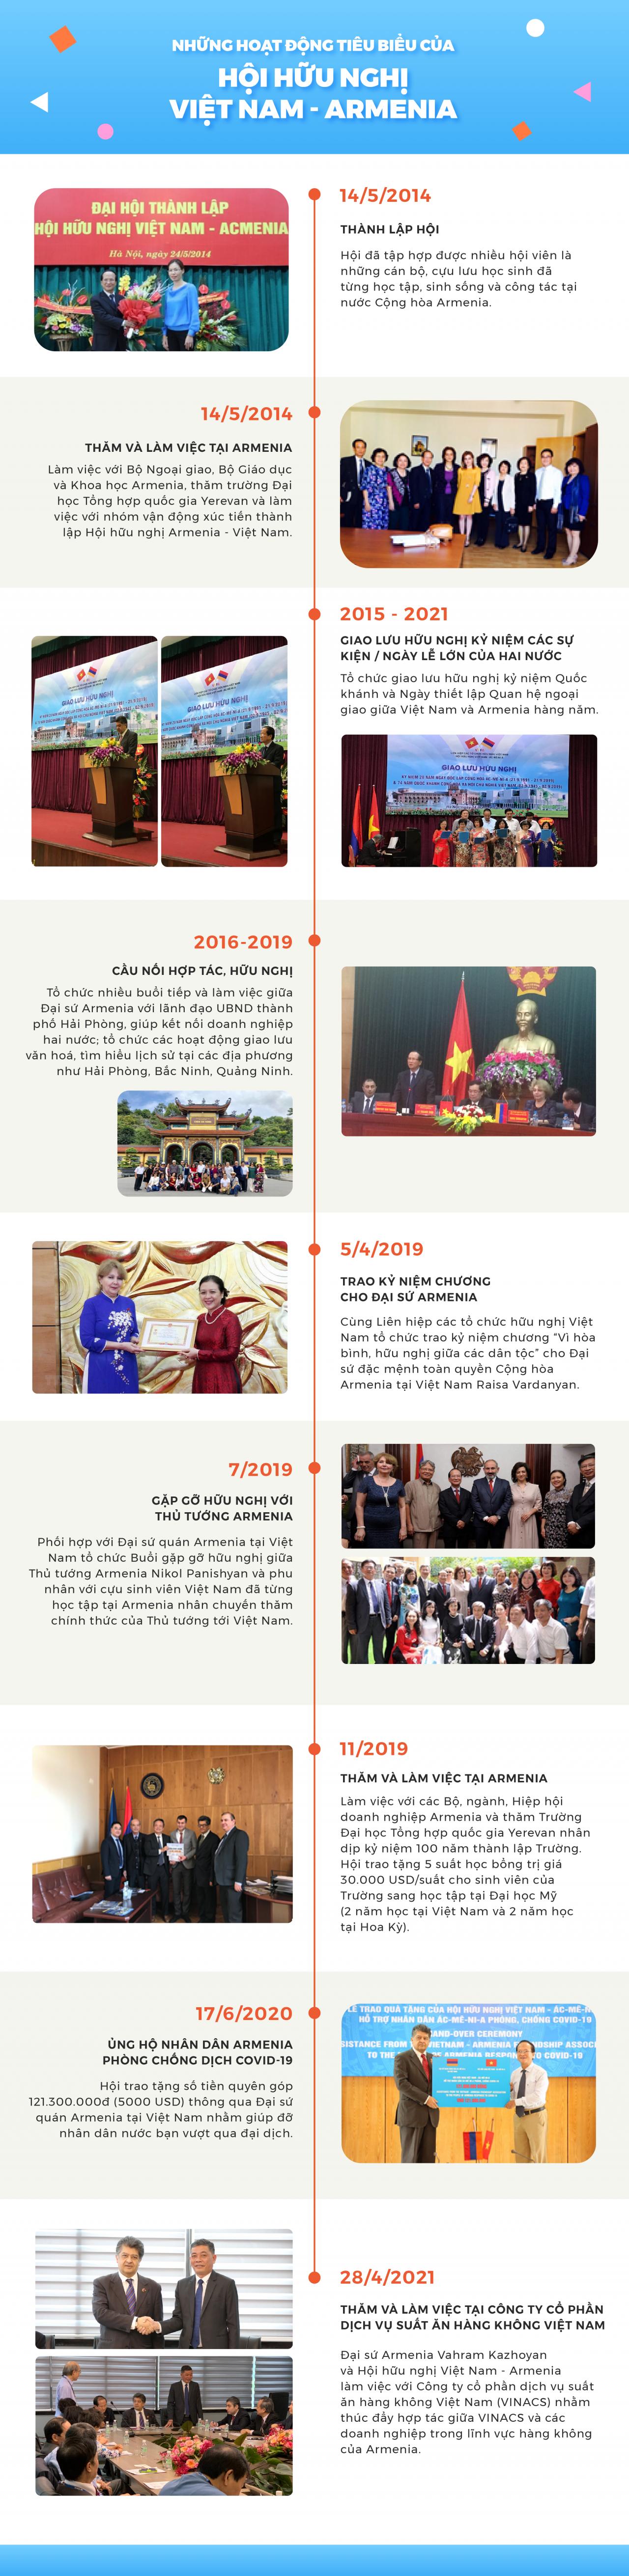 Hội hữu nghị Việt Nam- Armenia: Hành trình 7 năm xây đắp quan hệ hữu nghị hai nước